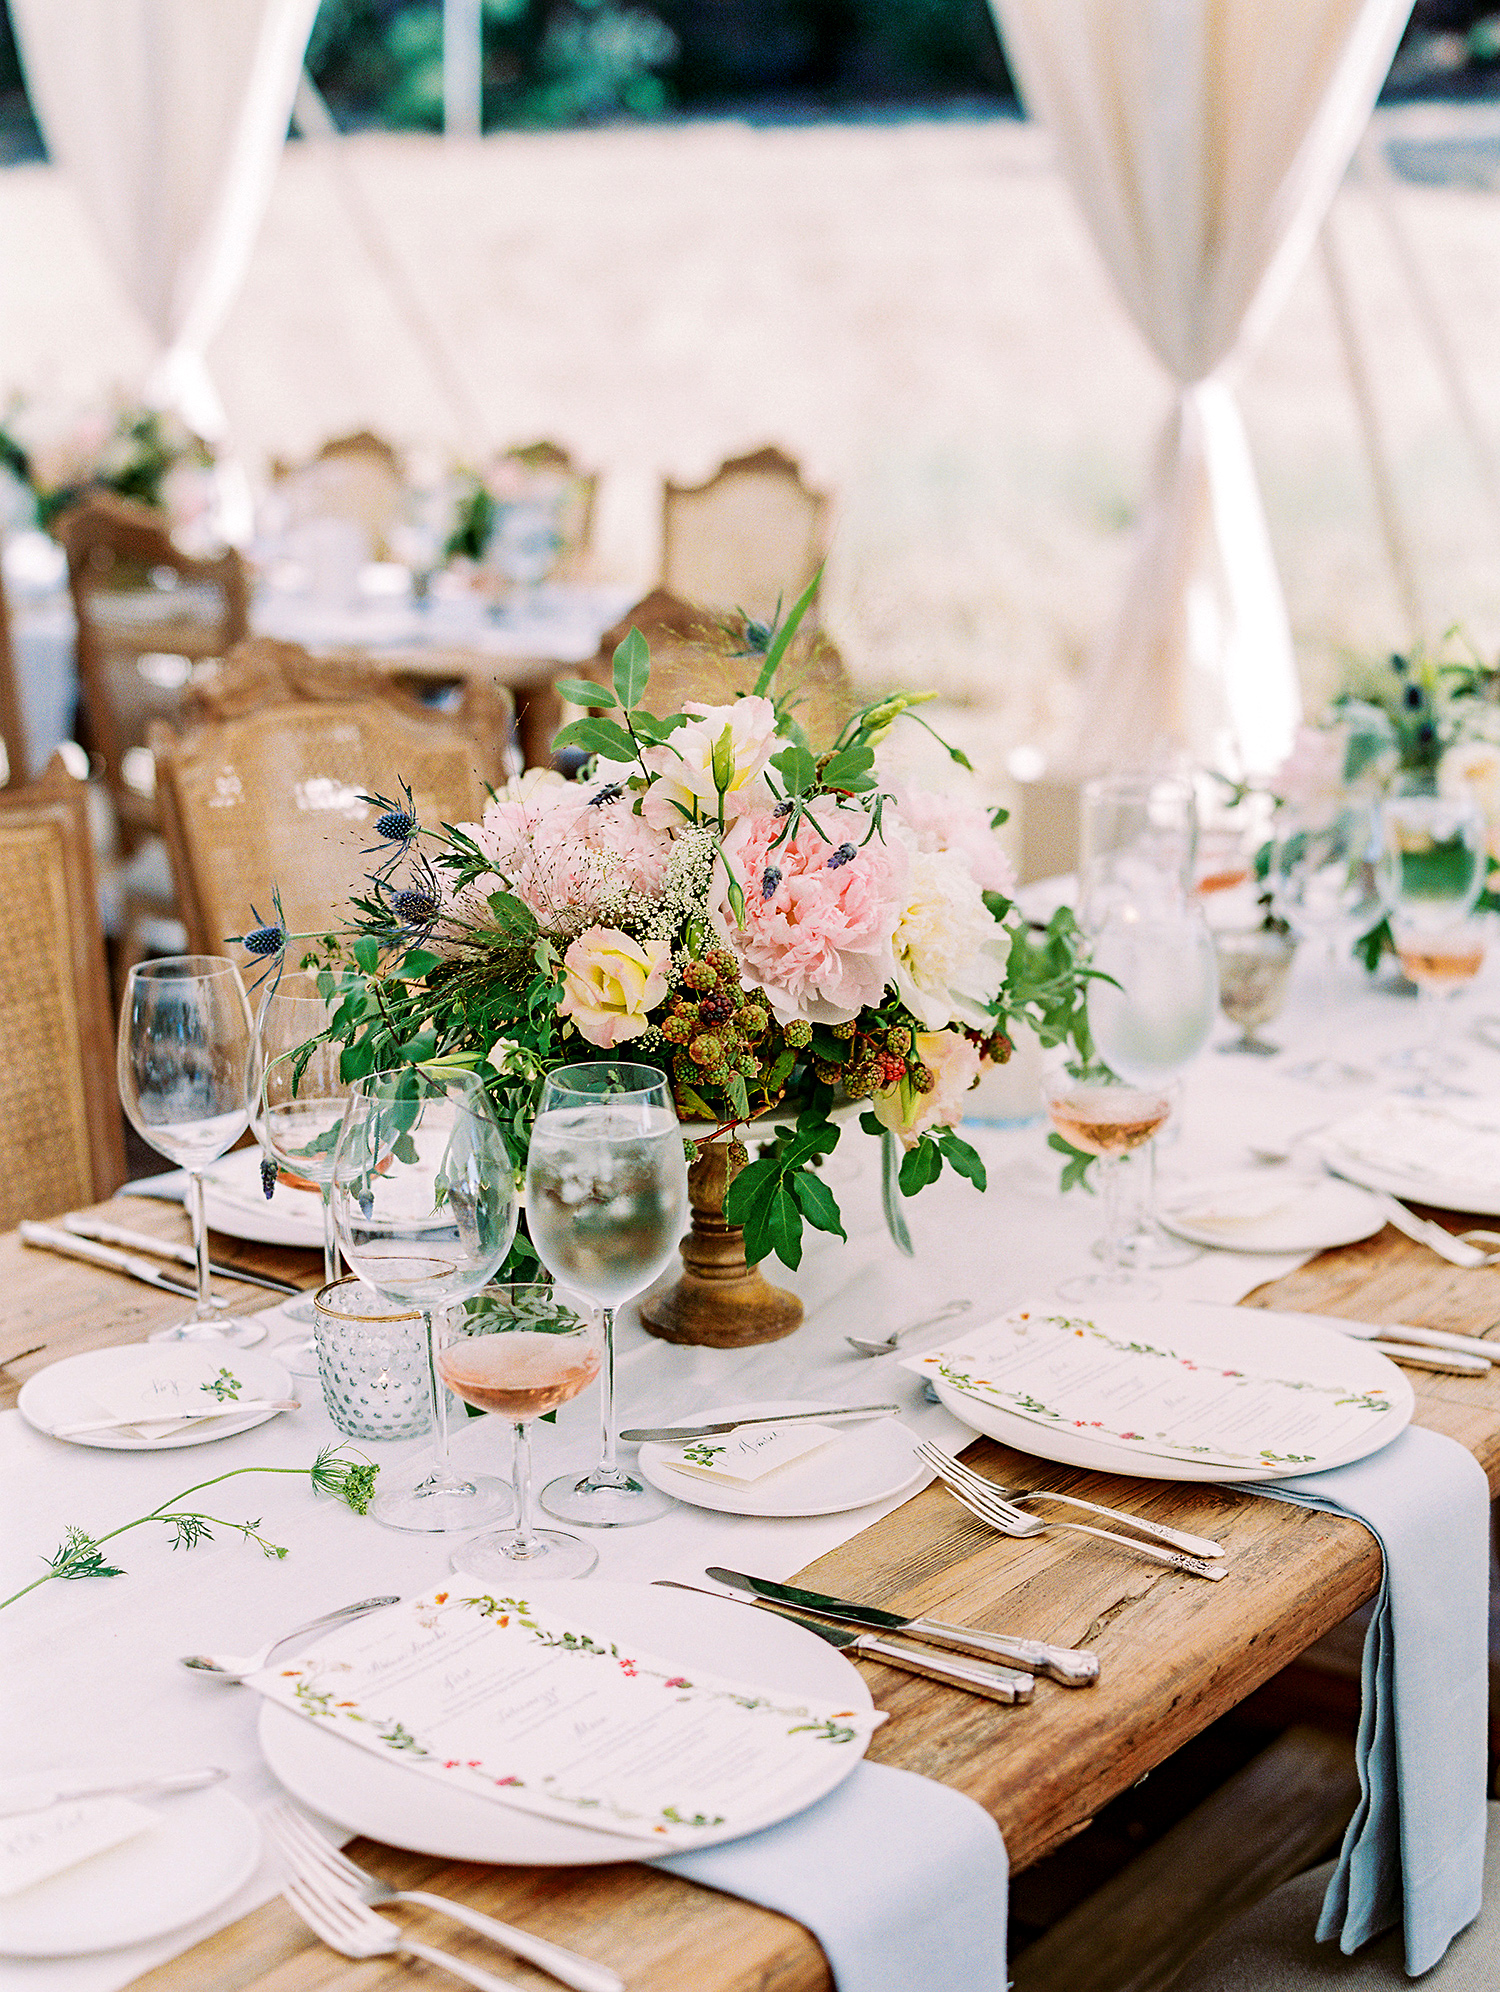 caitlin amit wedding table decor